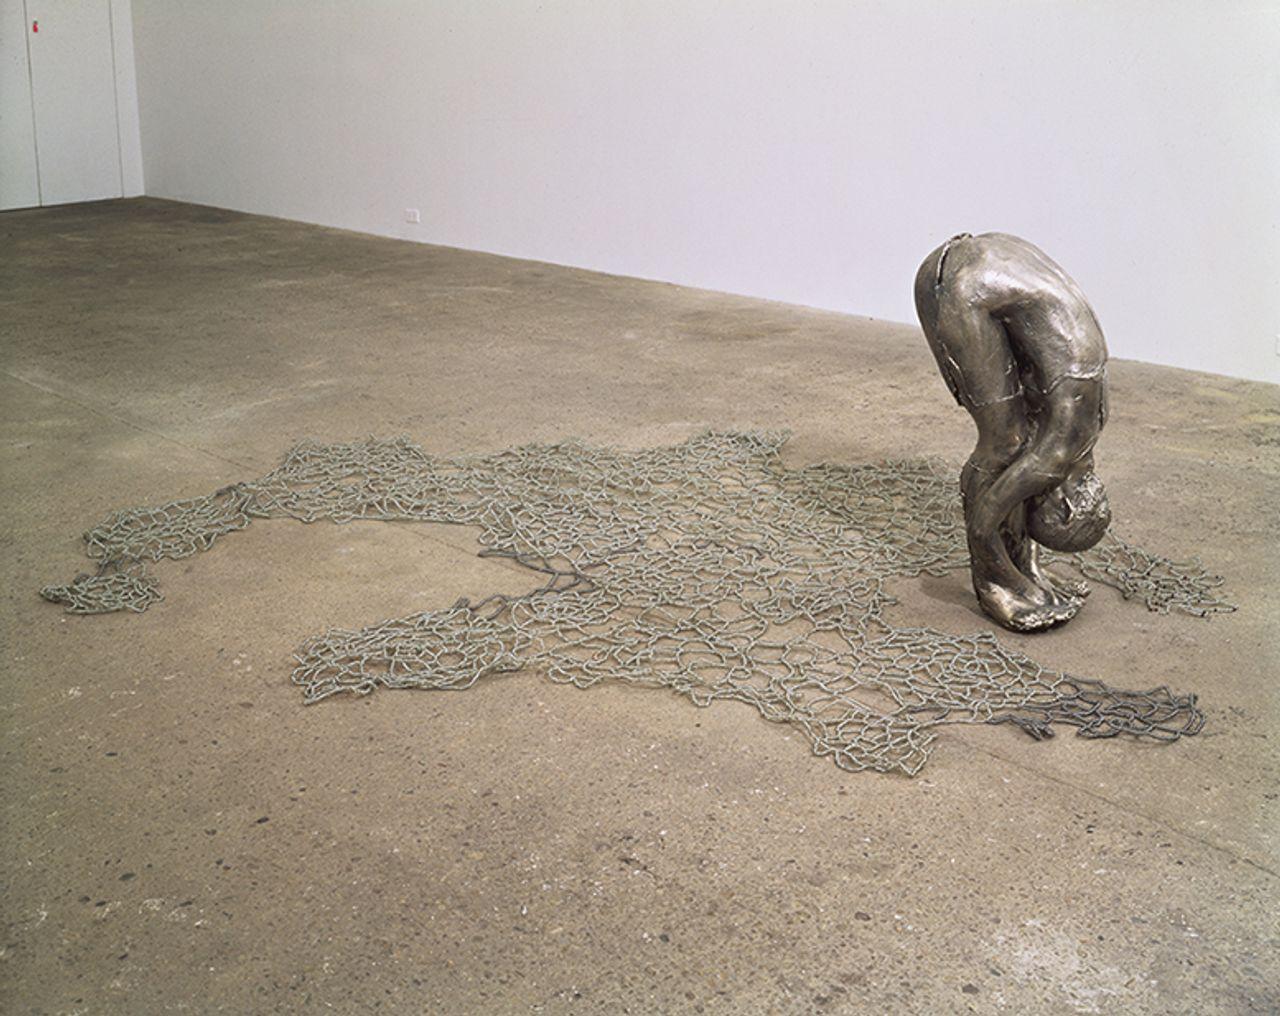 Kiki Smith's Untitled III (Upside-Down Body with Beads) (1993) © Kiki Smith. Courtesy Pace Gallery